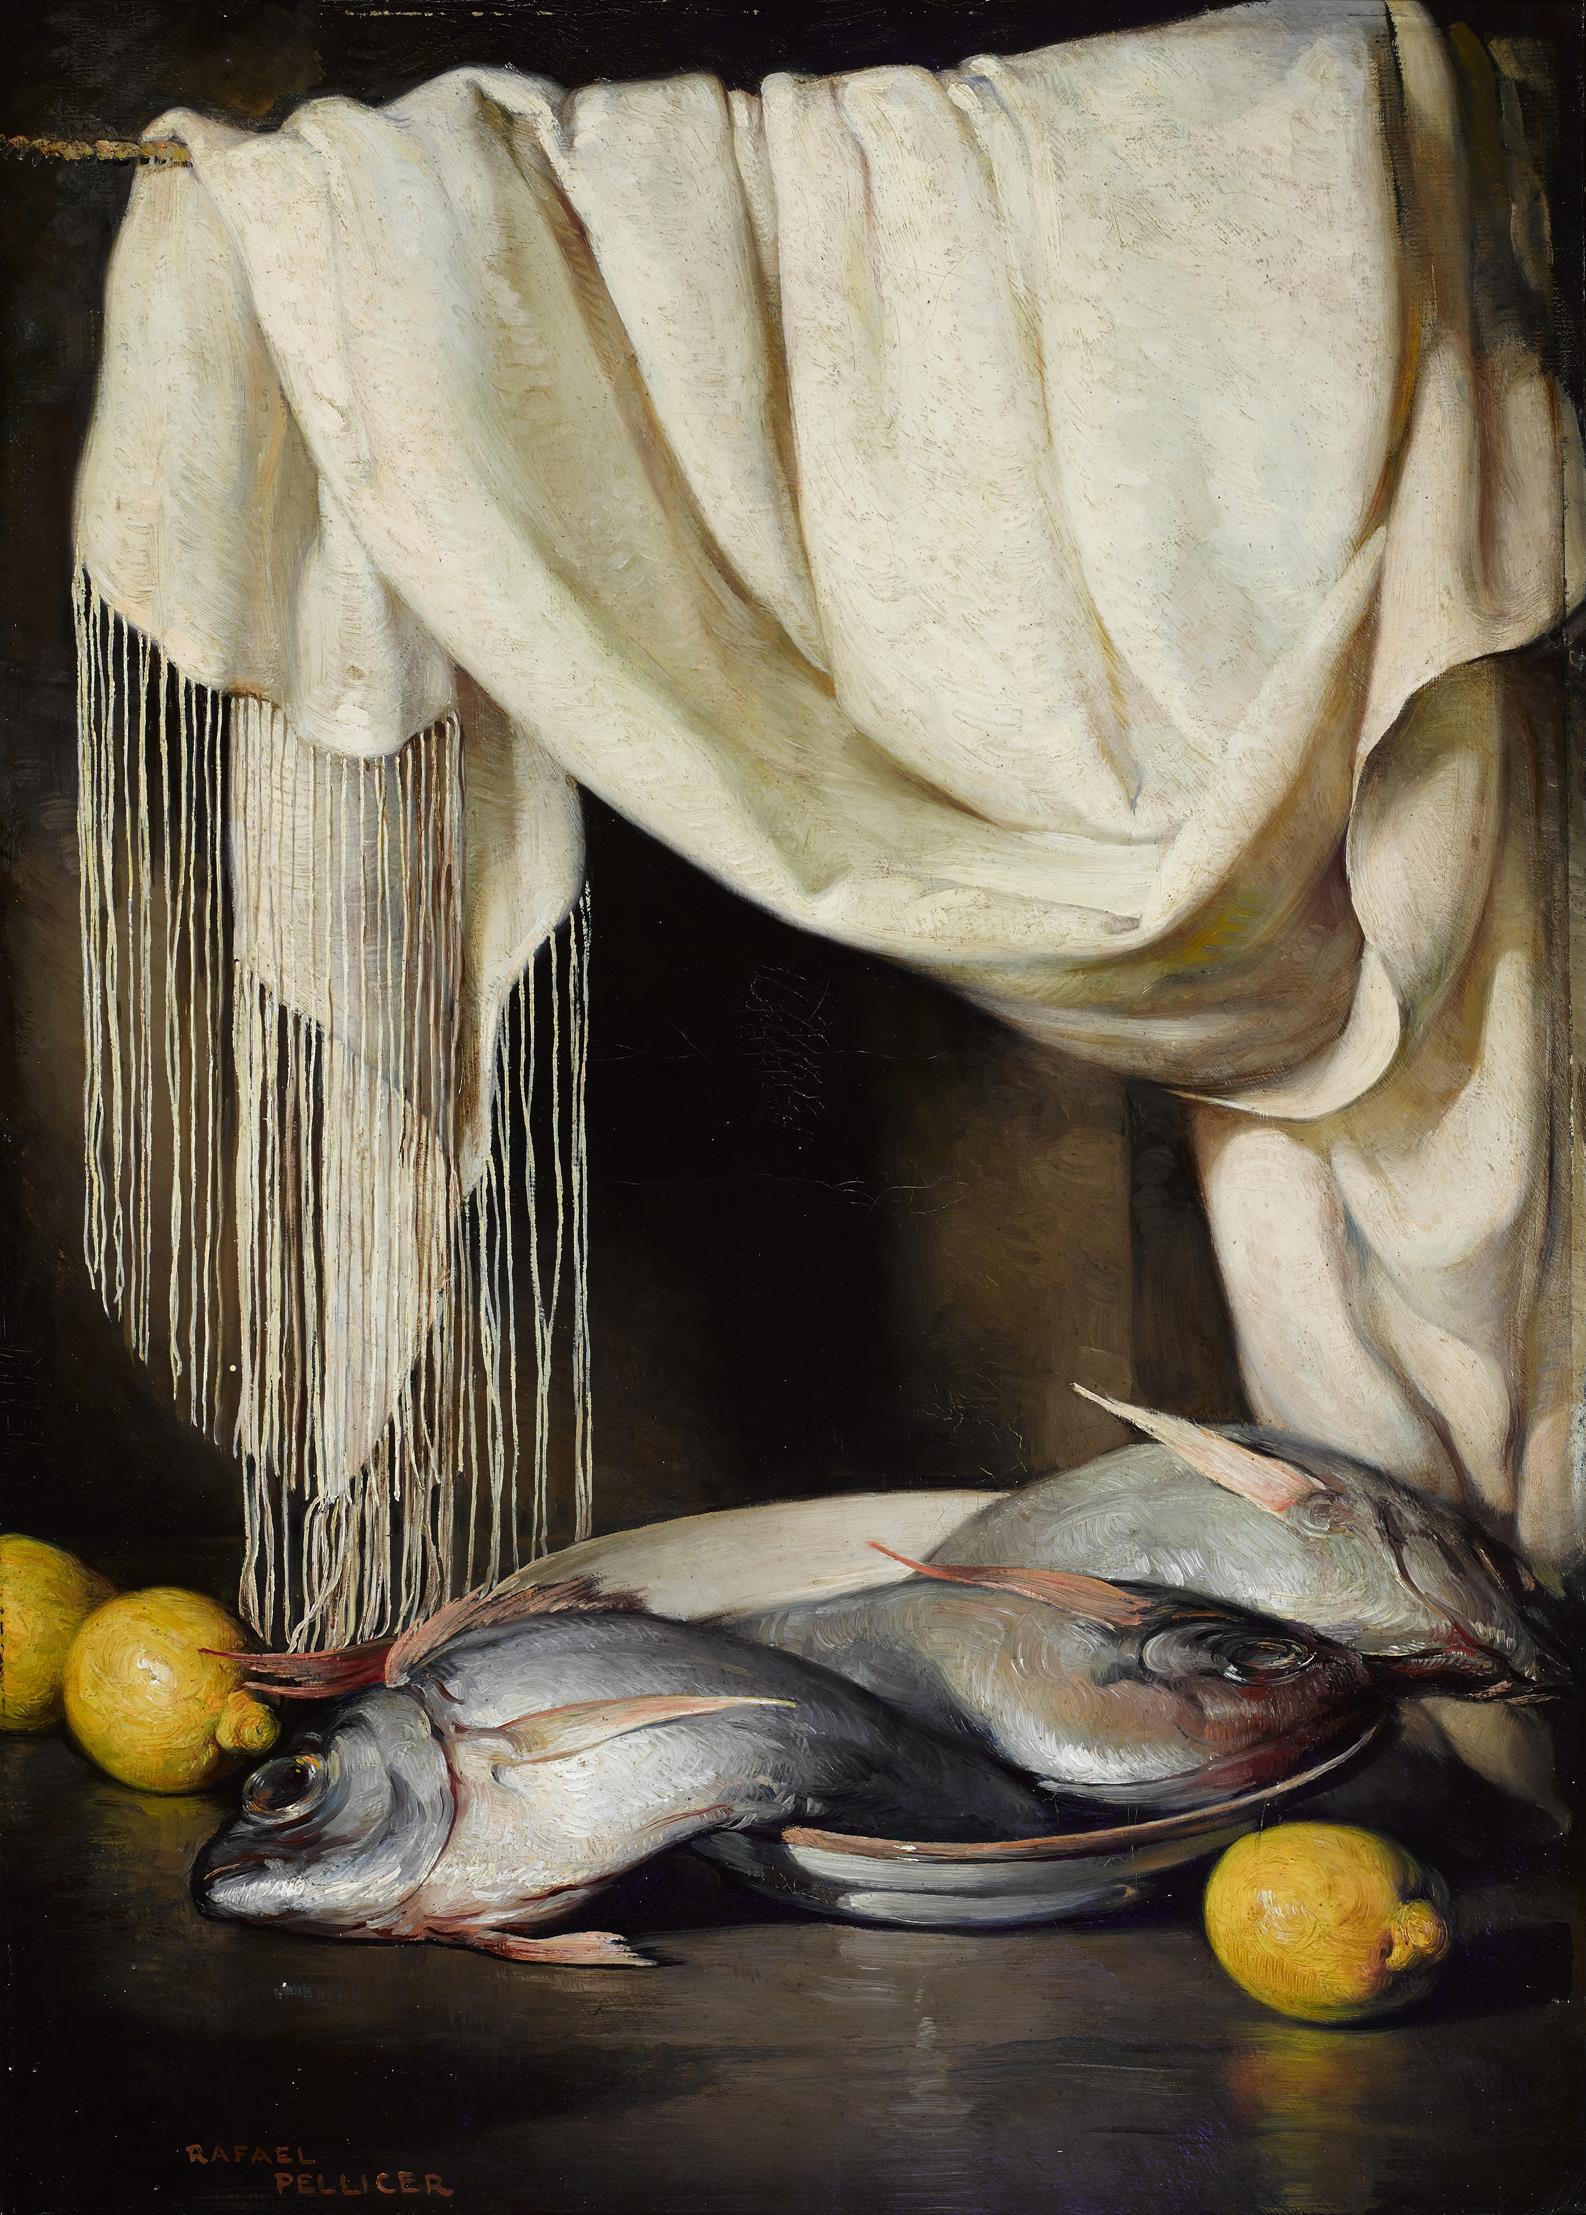 Sin título (1958) - Rafael Pellicer